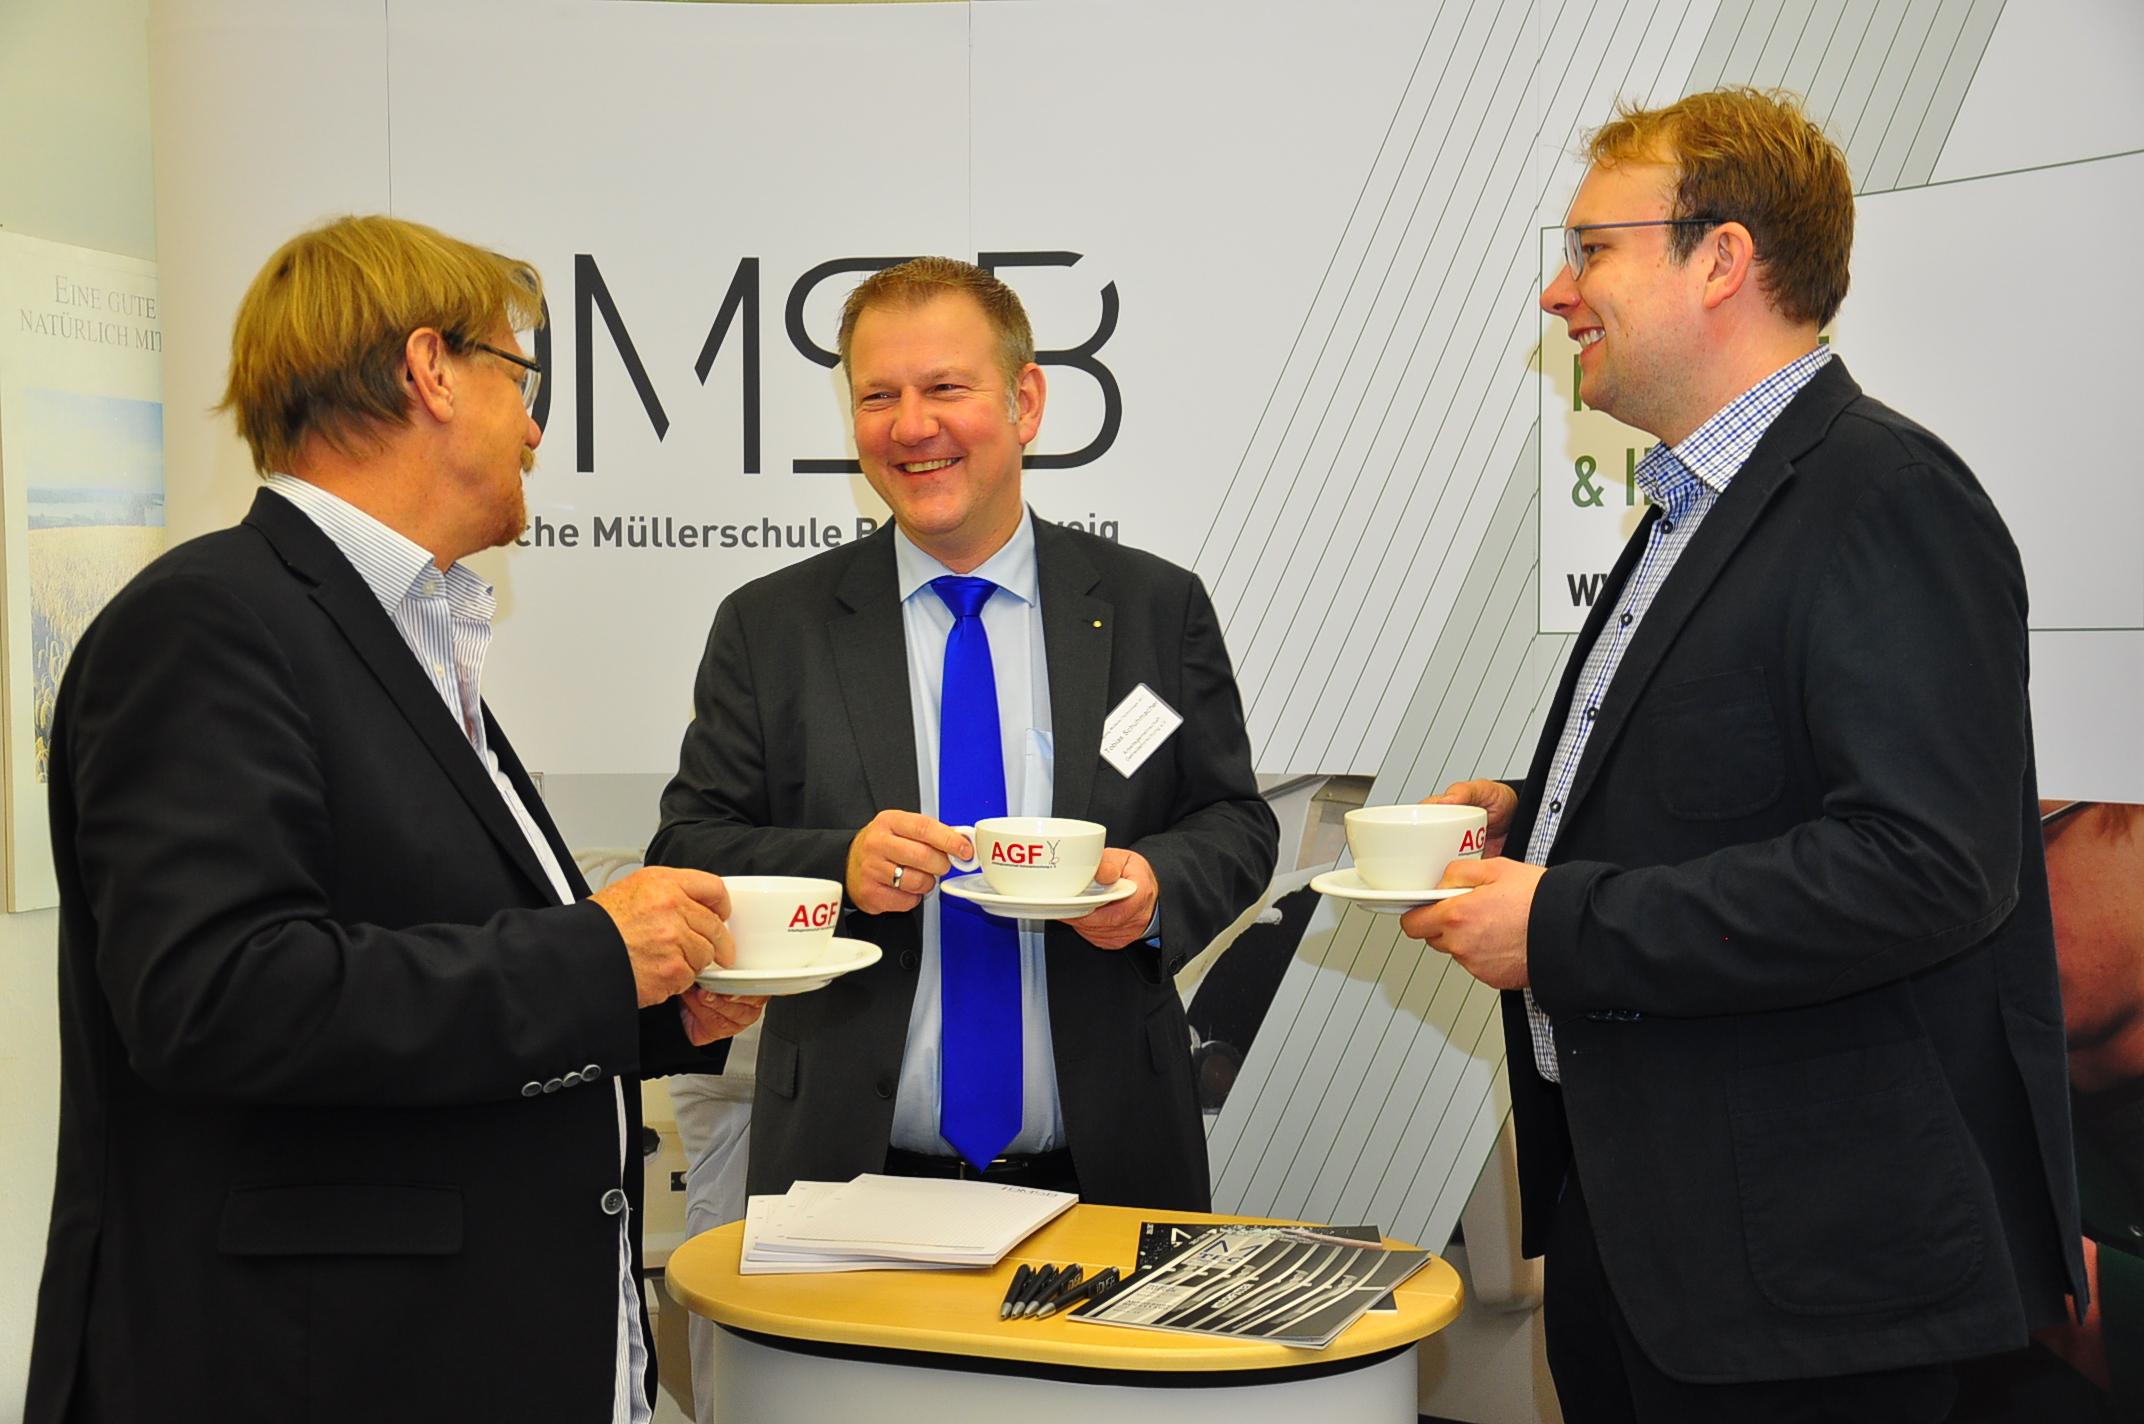 Bei der aktuellen Tagung der Arbeitsgemeinschaft Getreideforschung (AGF) wurde über Entwicklungen in der Müllerei diskutiert (Foto: AGF)